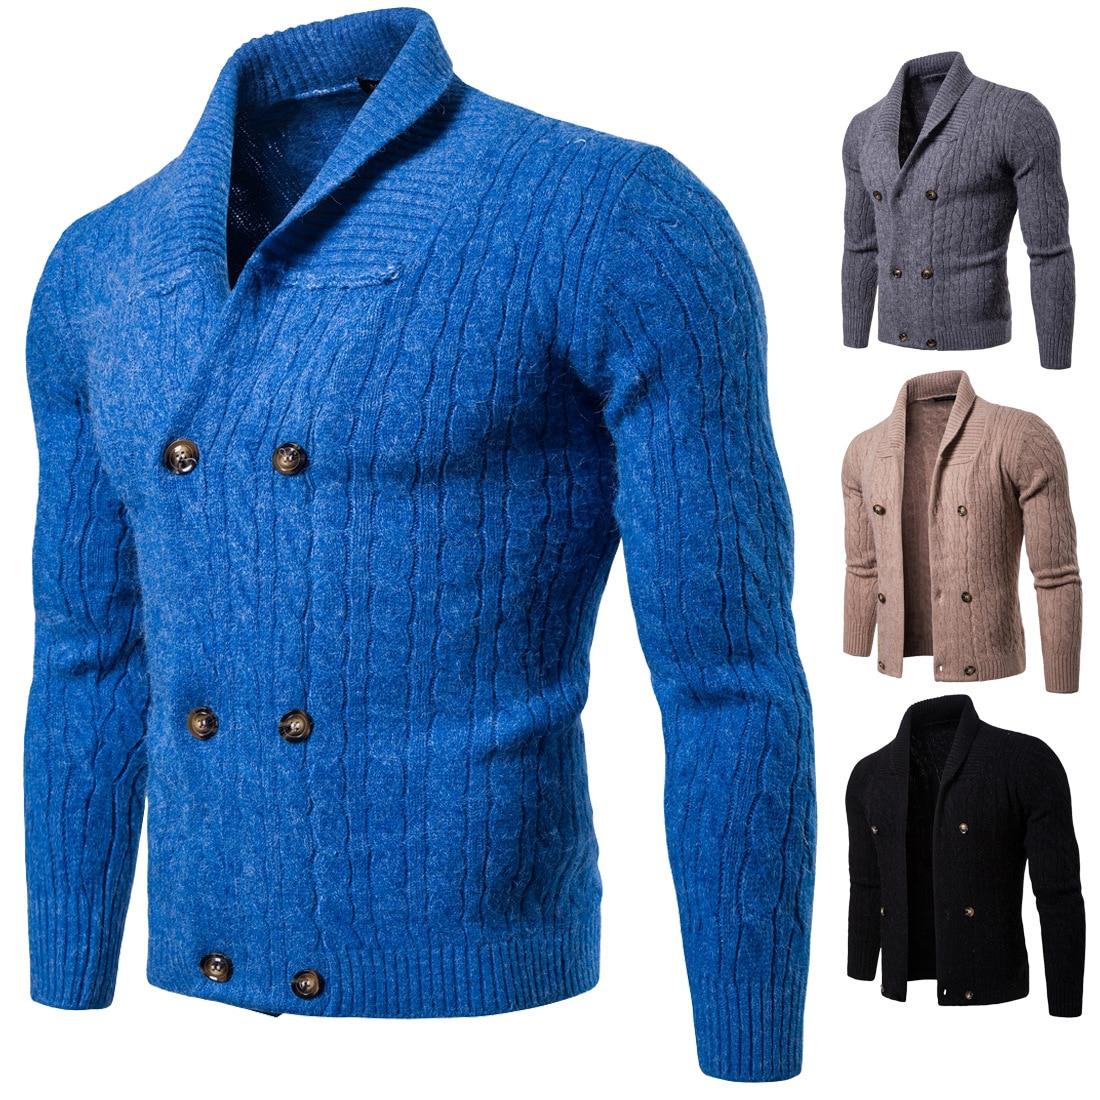 Hommes hiver chandail col en v solide Slim Fit tricot hommes chandails Cardigan mâle 2018 automne décontracté hauts manteaux d'hiver